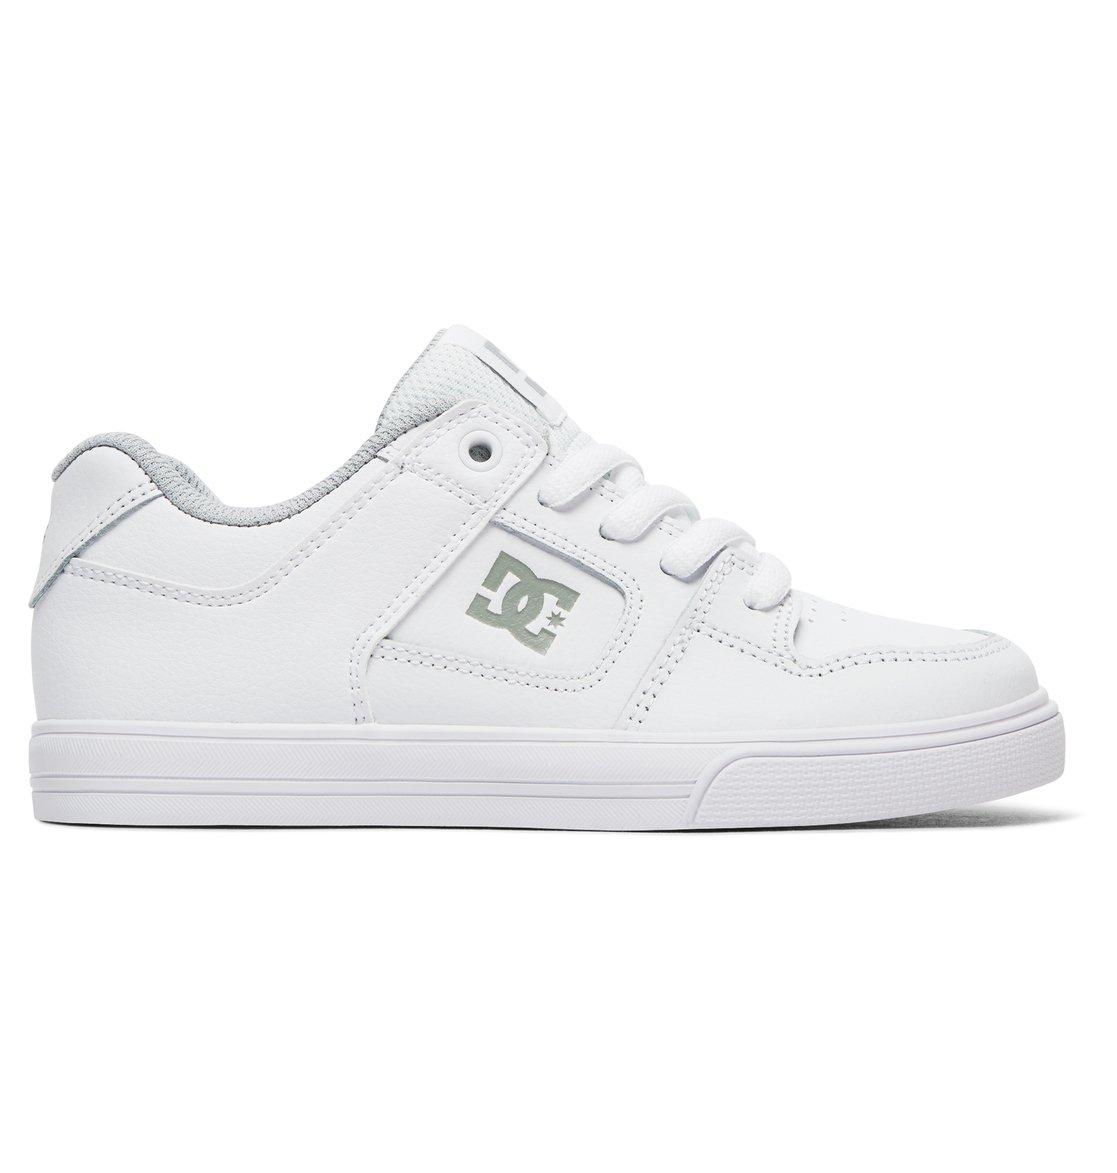 DC Shoes Pure - Shoes - Schuhe - Jungs 8-16 - EU 28 - Weiss NBUrGYJ